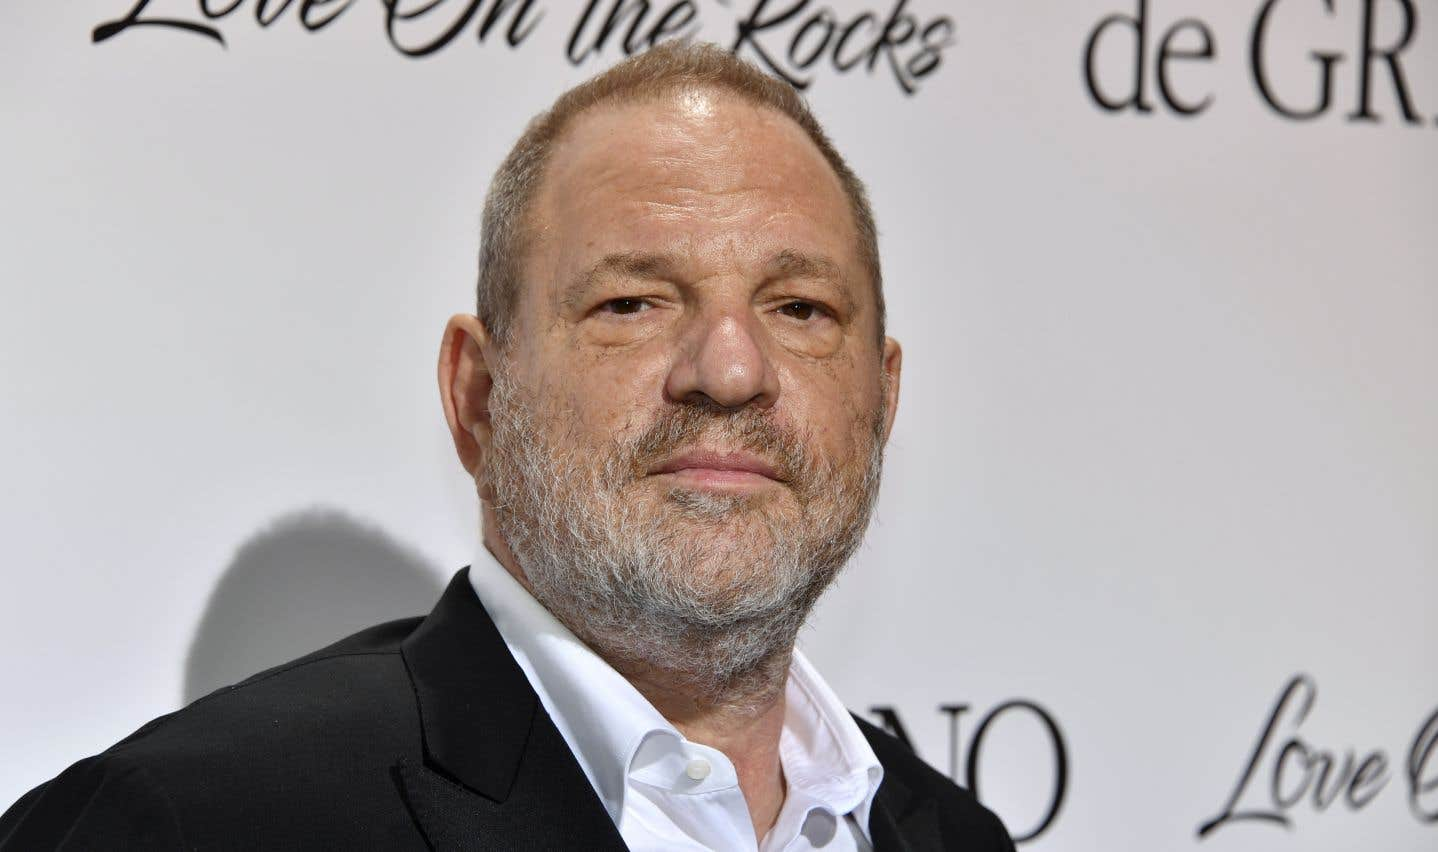 Affaire Weinstein: enquête pour agression sexuelle à New York et à Londres